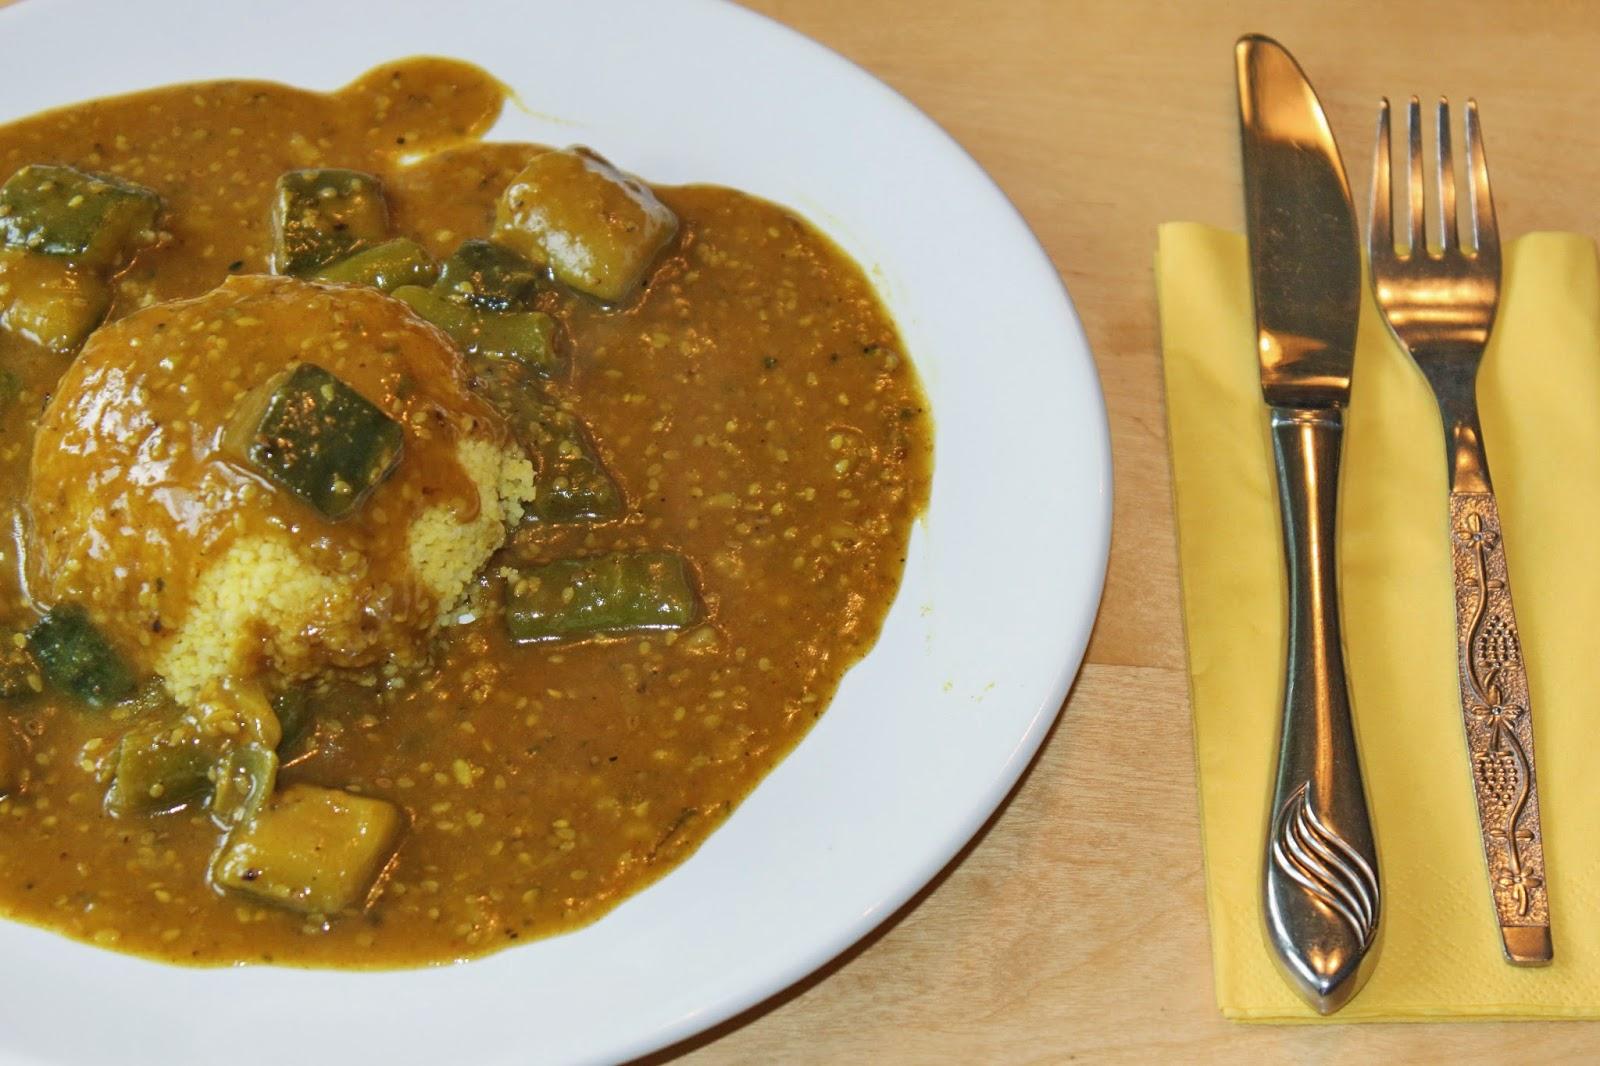 schnelle gerichte afrikanische couscous gem sepfanne gebi. Black Bedroom Furniture Sets. Home Design Ideas